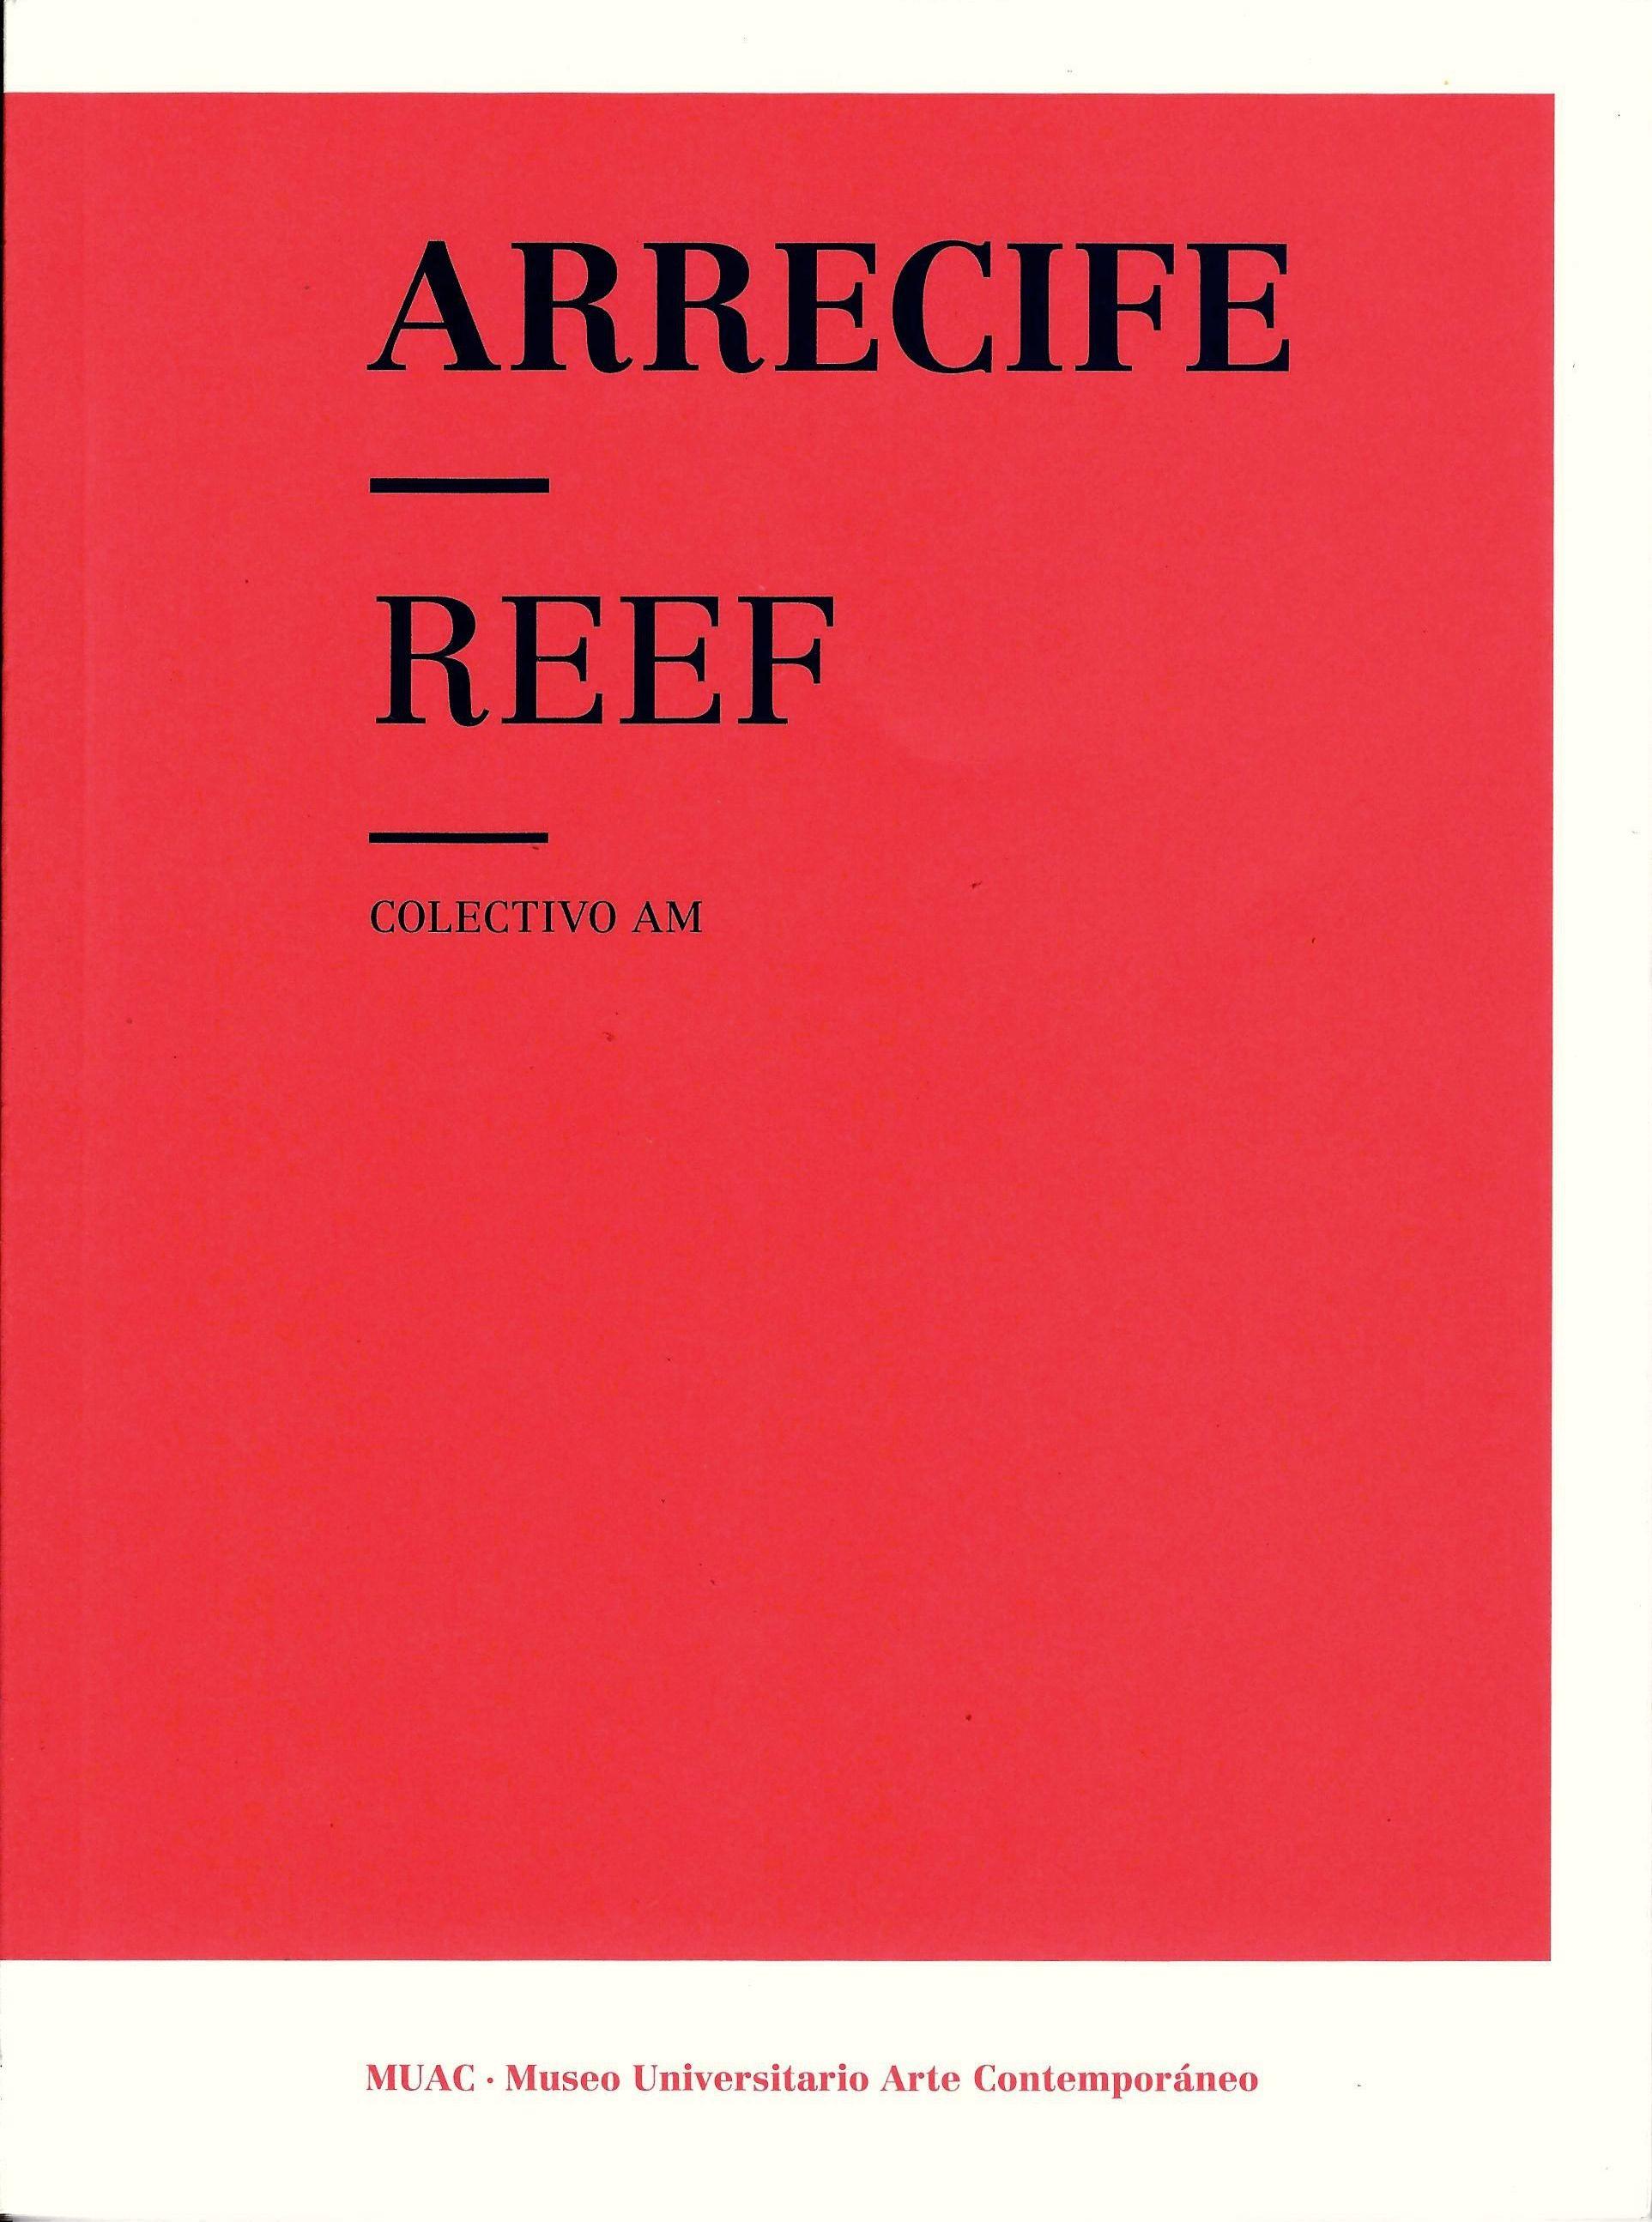 Arrecife / Reef. Colectivo AM